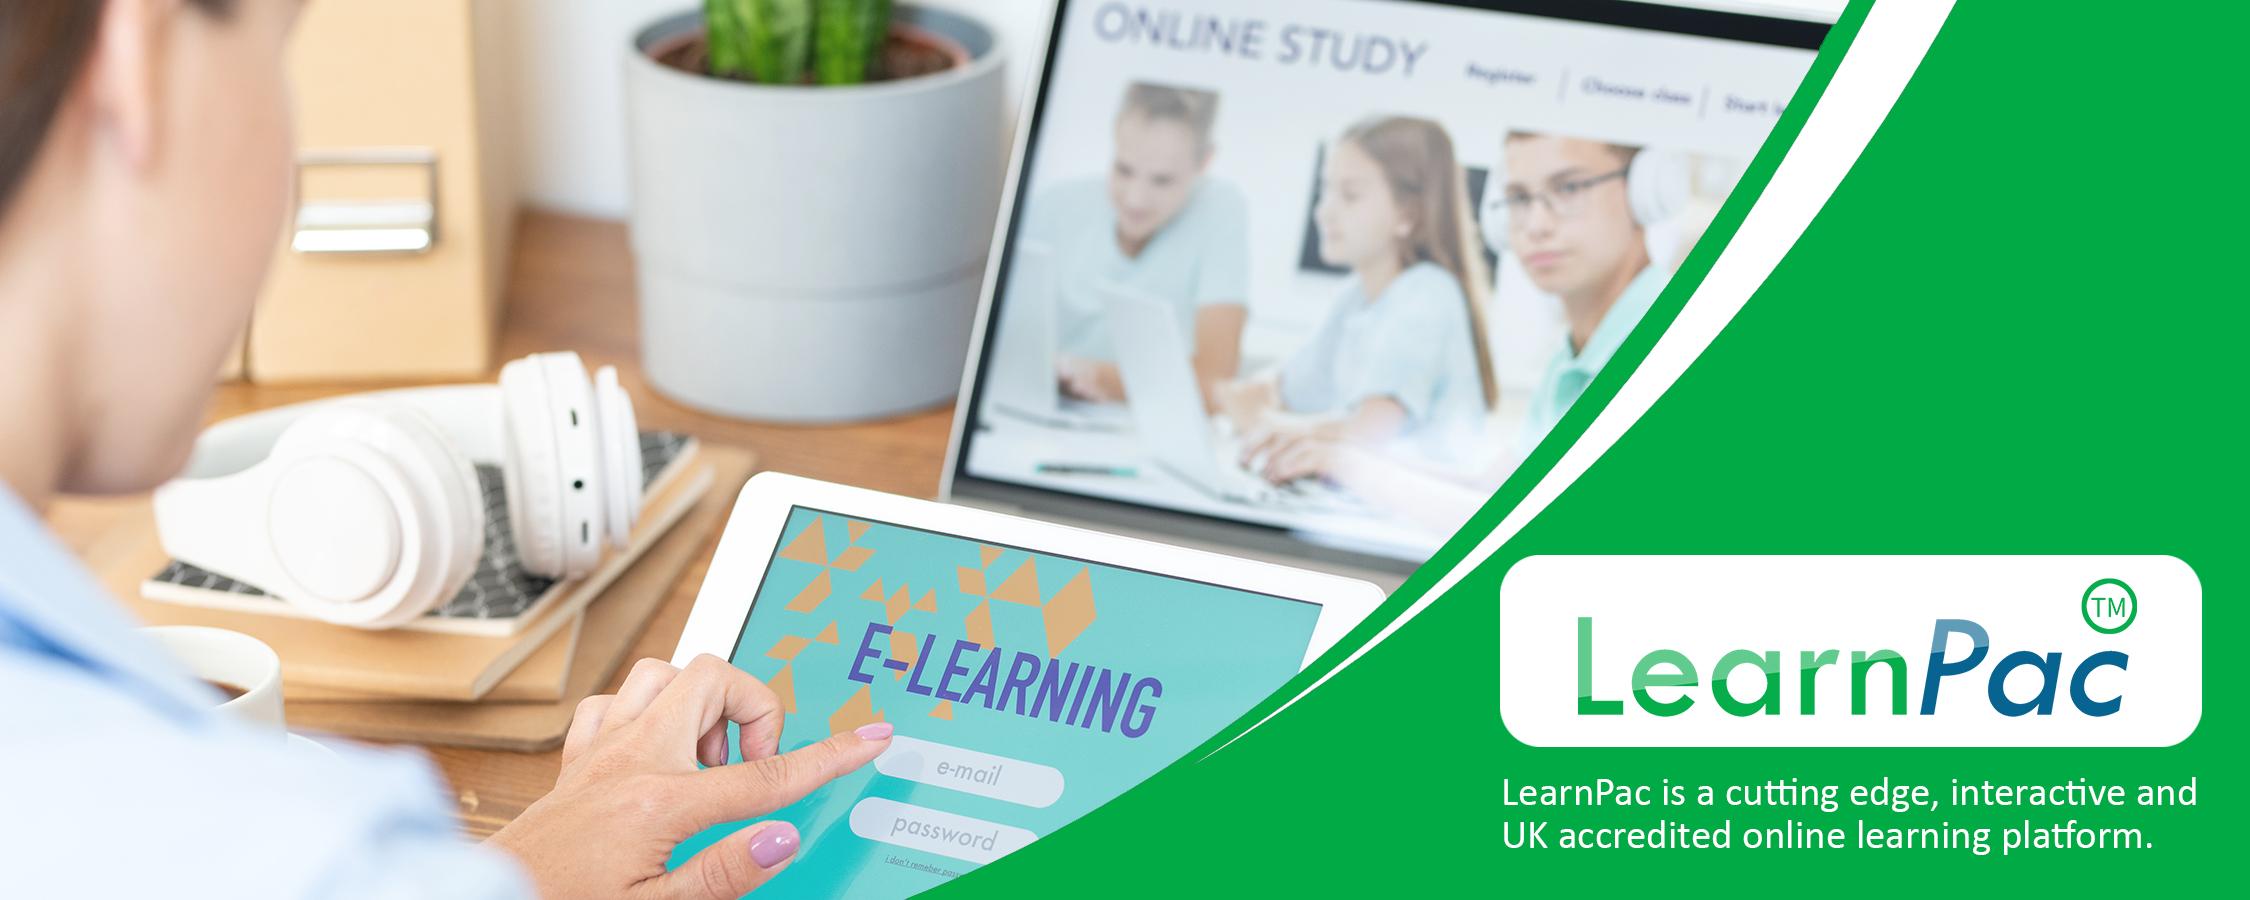 CSTF Paediatric Life Support - Resuscitation - Online Learning Courses - E-Learning Courses - LearnPac Systems UK -